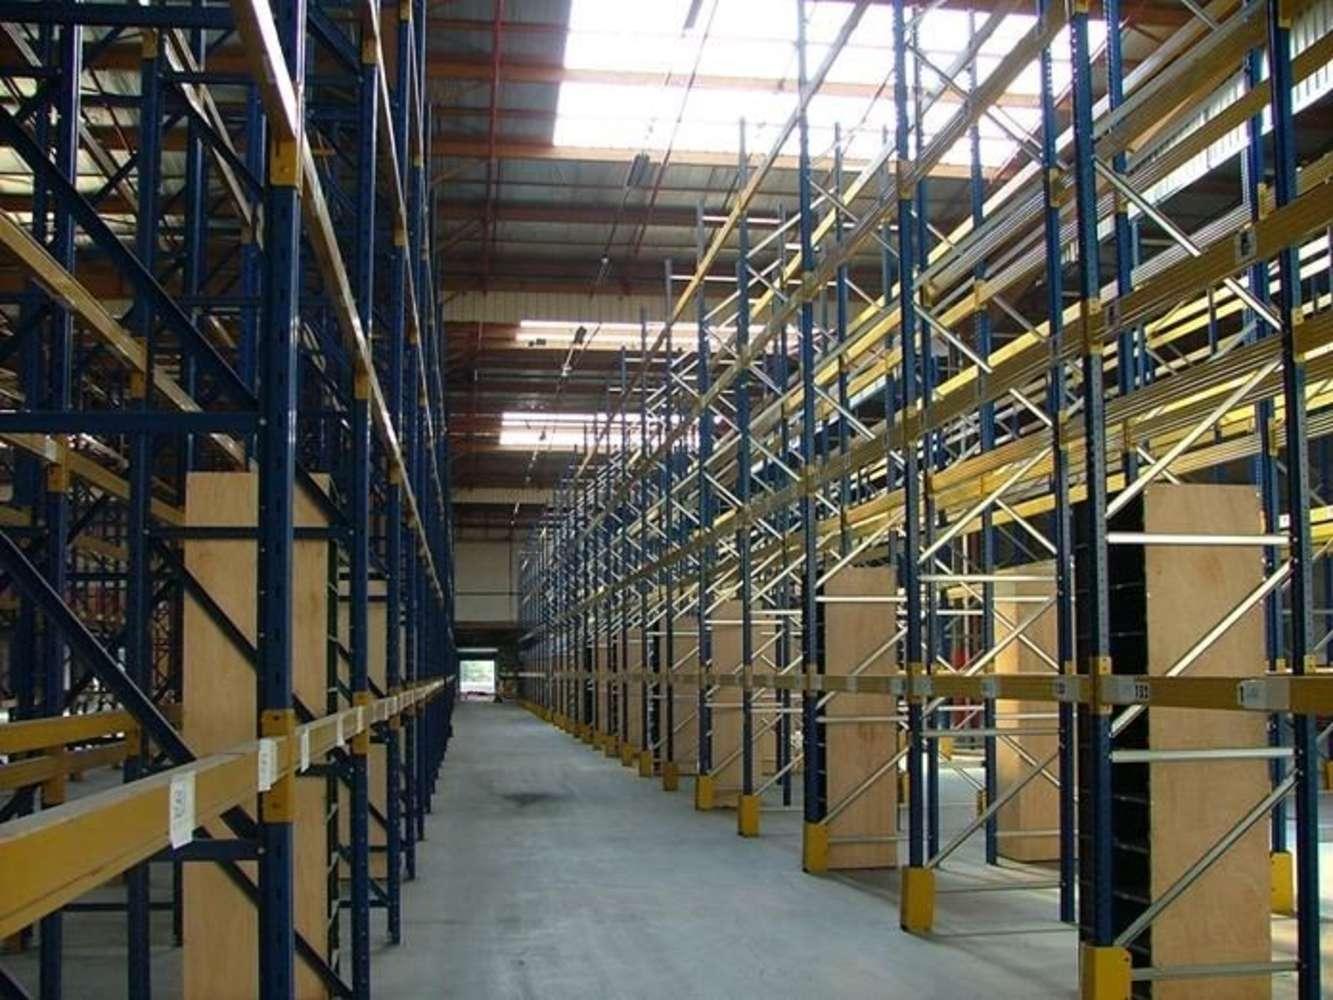 Plateformes logistiques Aubergenville, 78410 - 9 RUE DU CLOS REINE - 9453327